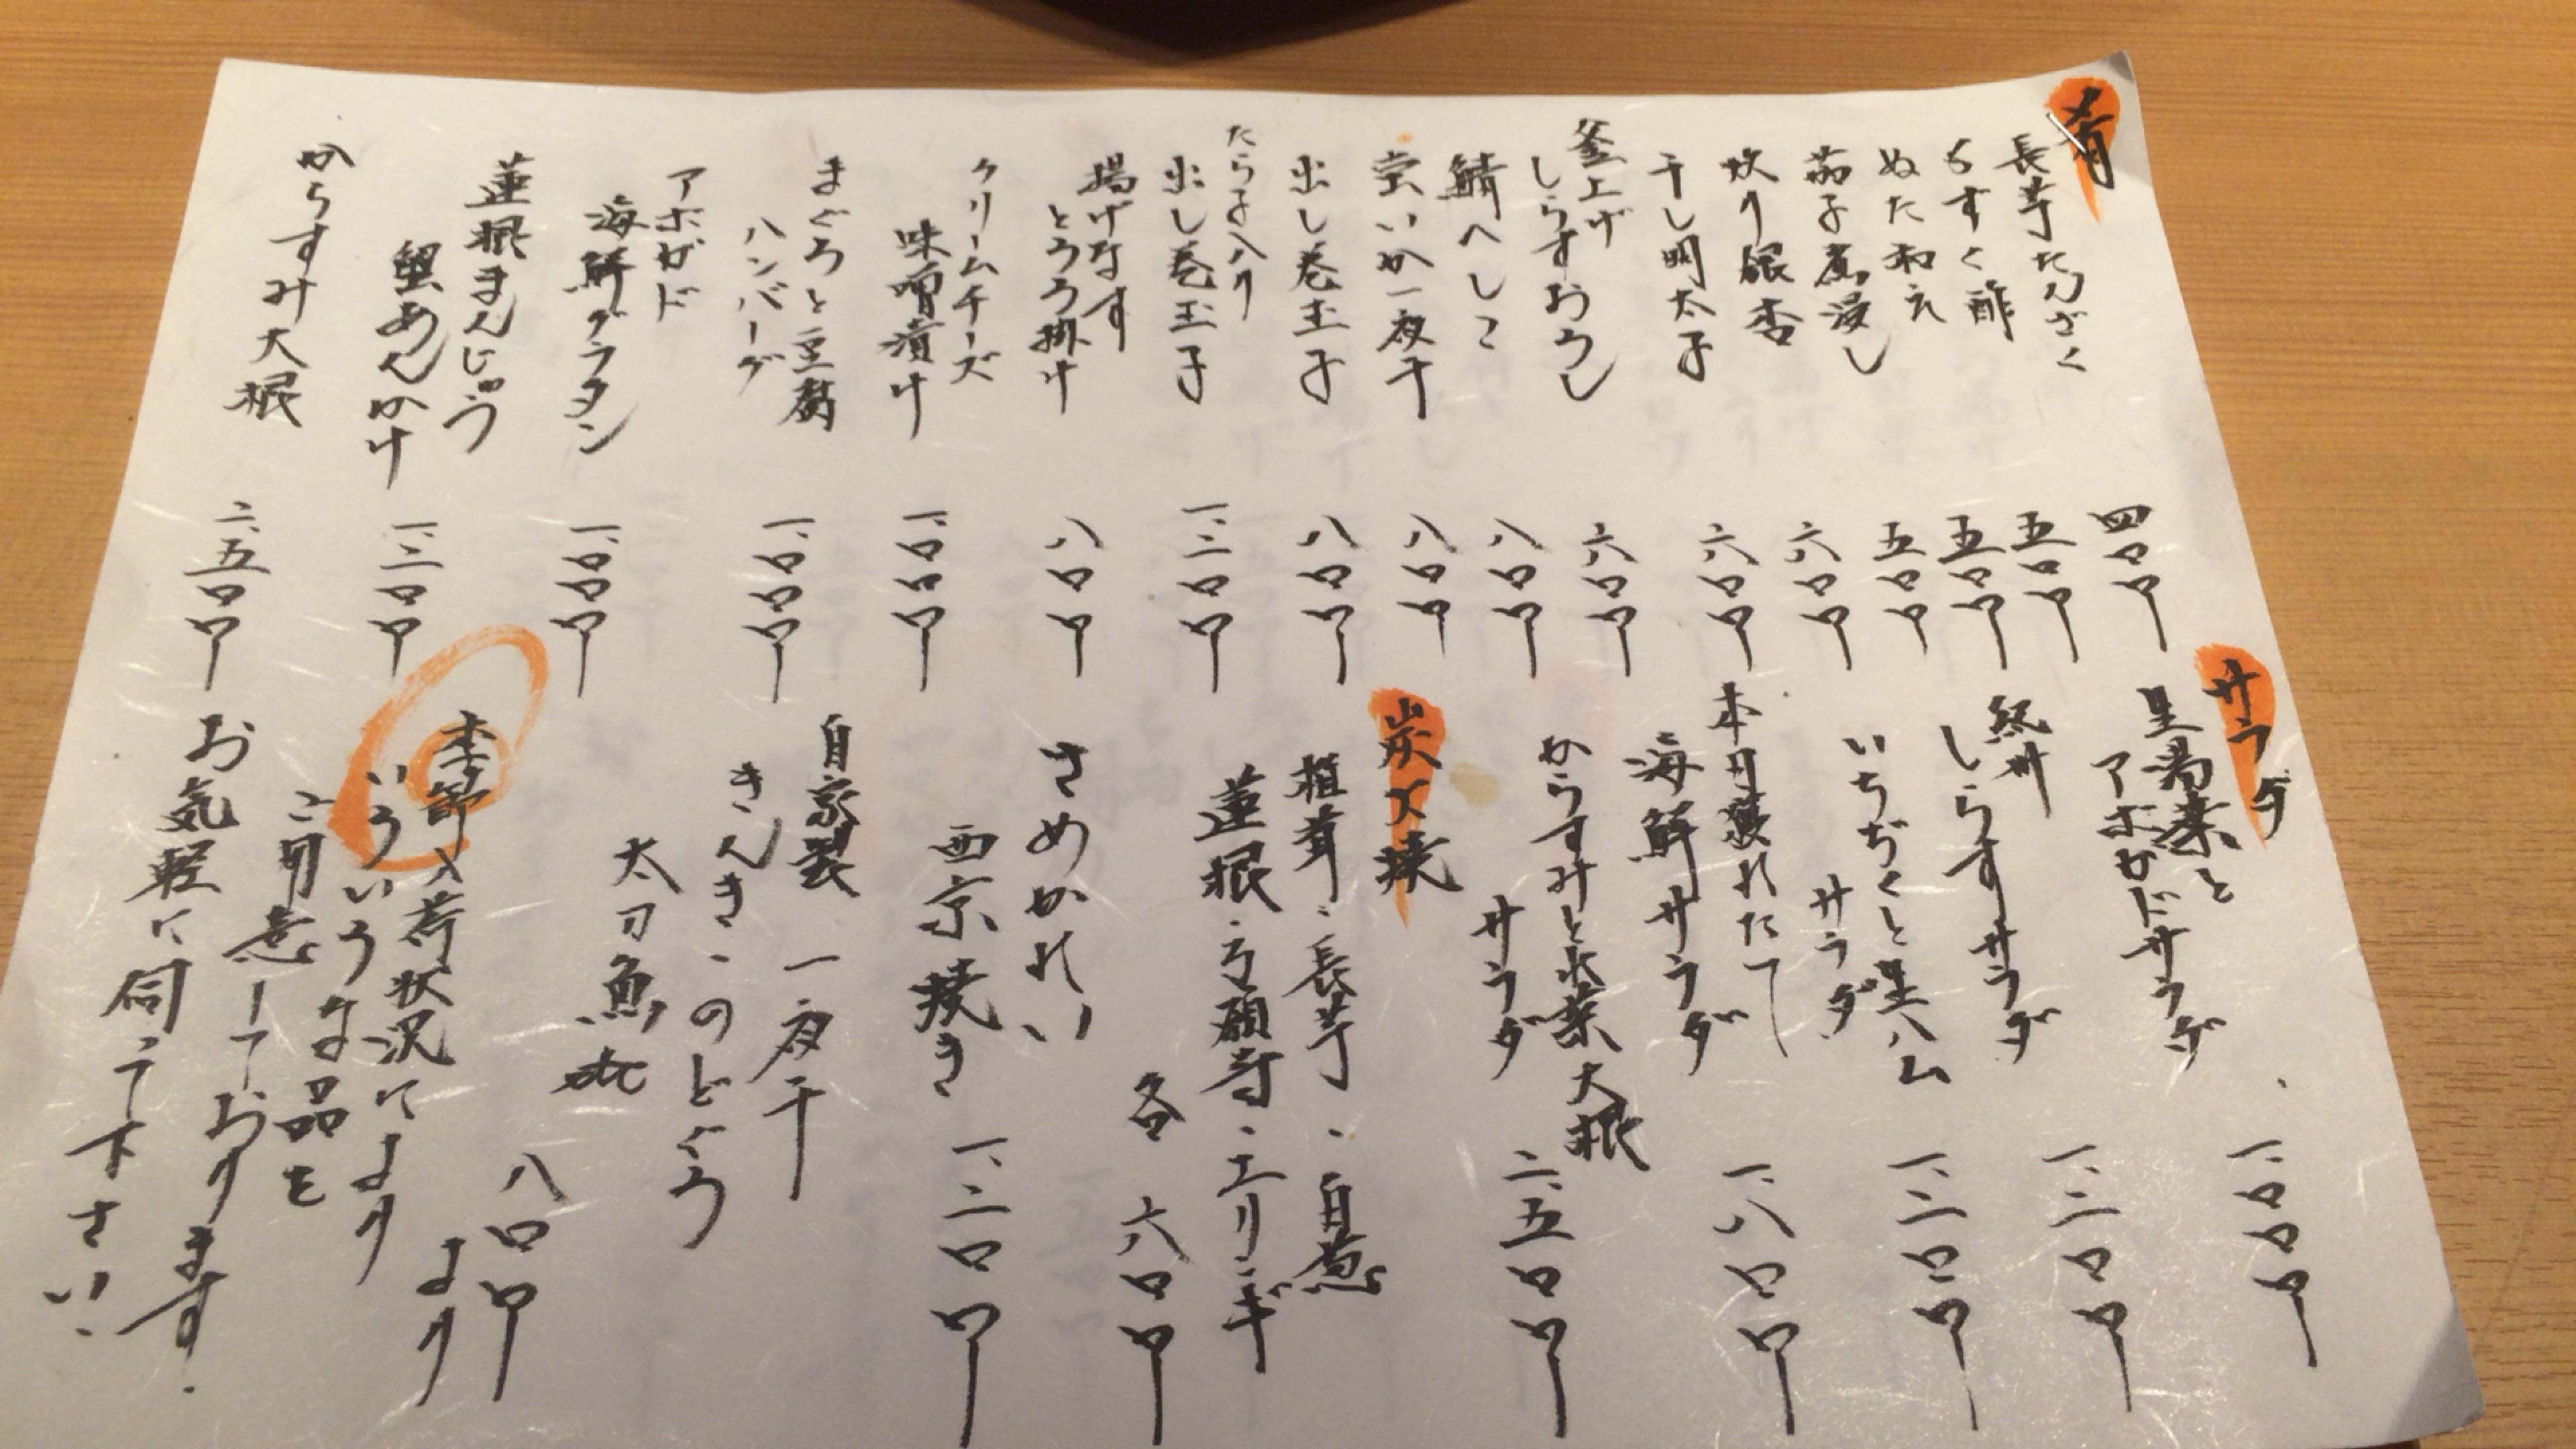 大阪ミナミの宗衛門町にある小料理・割烹『旬草hide』メニュー